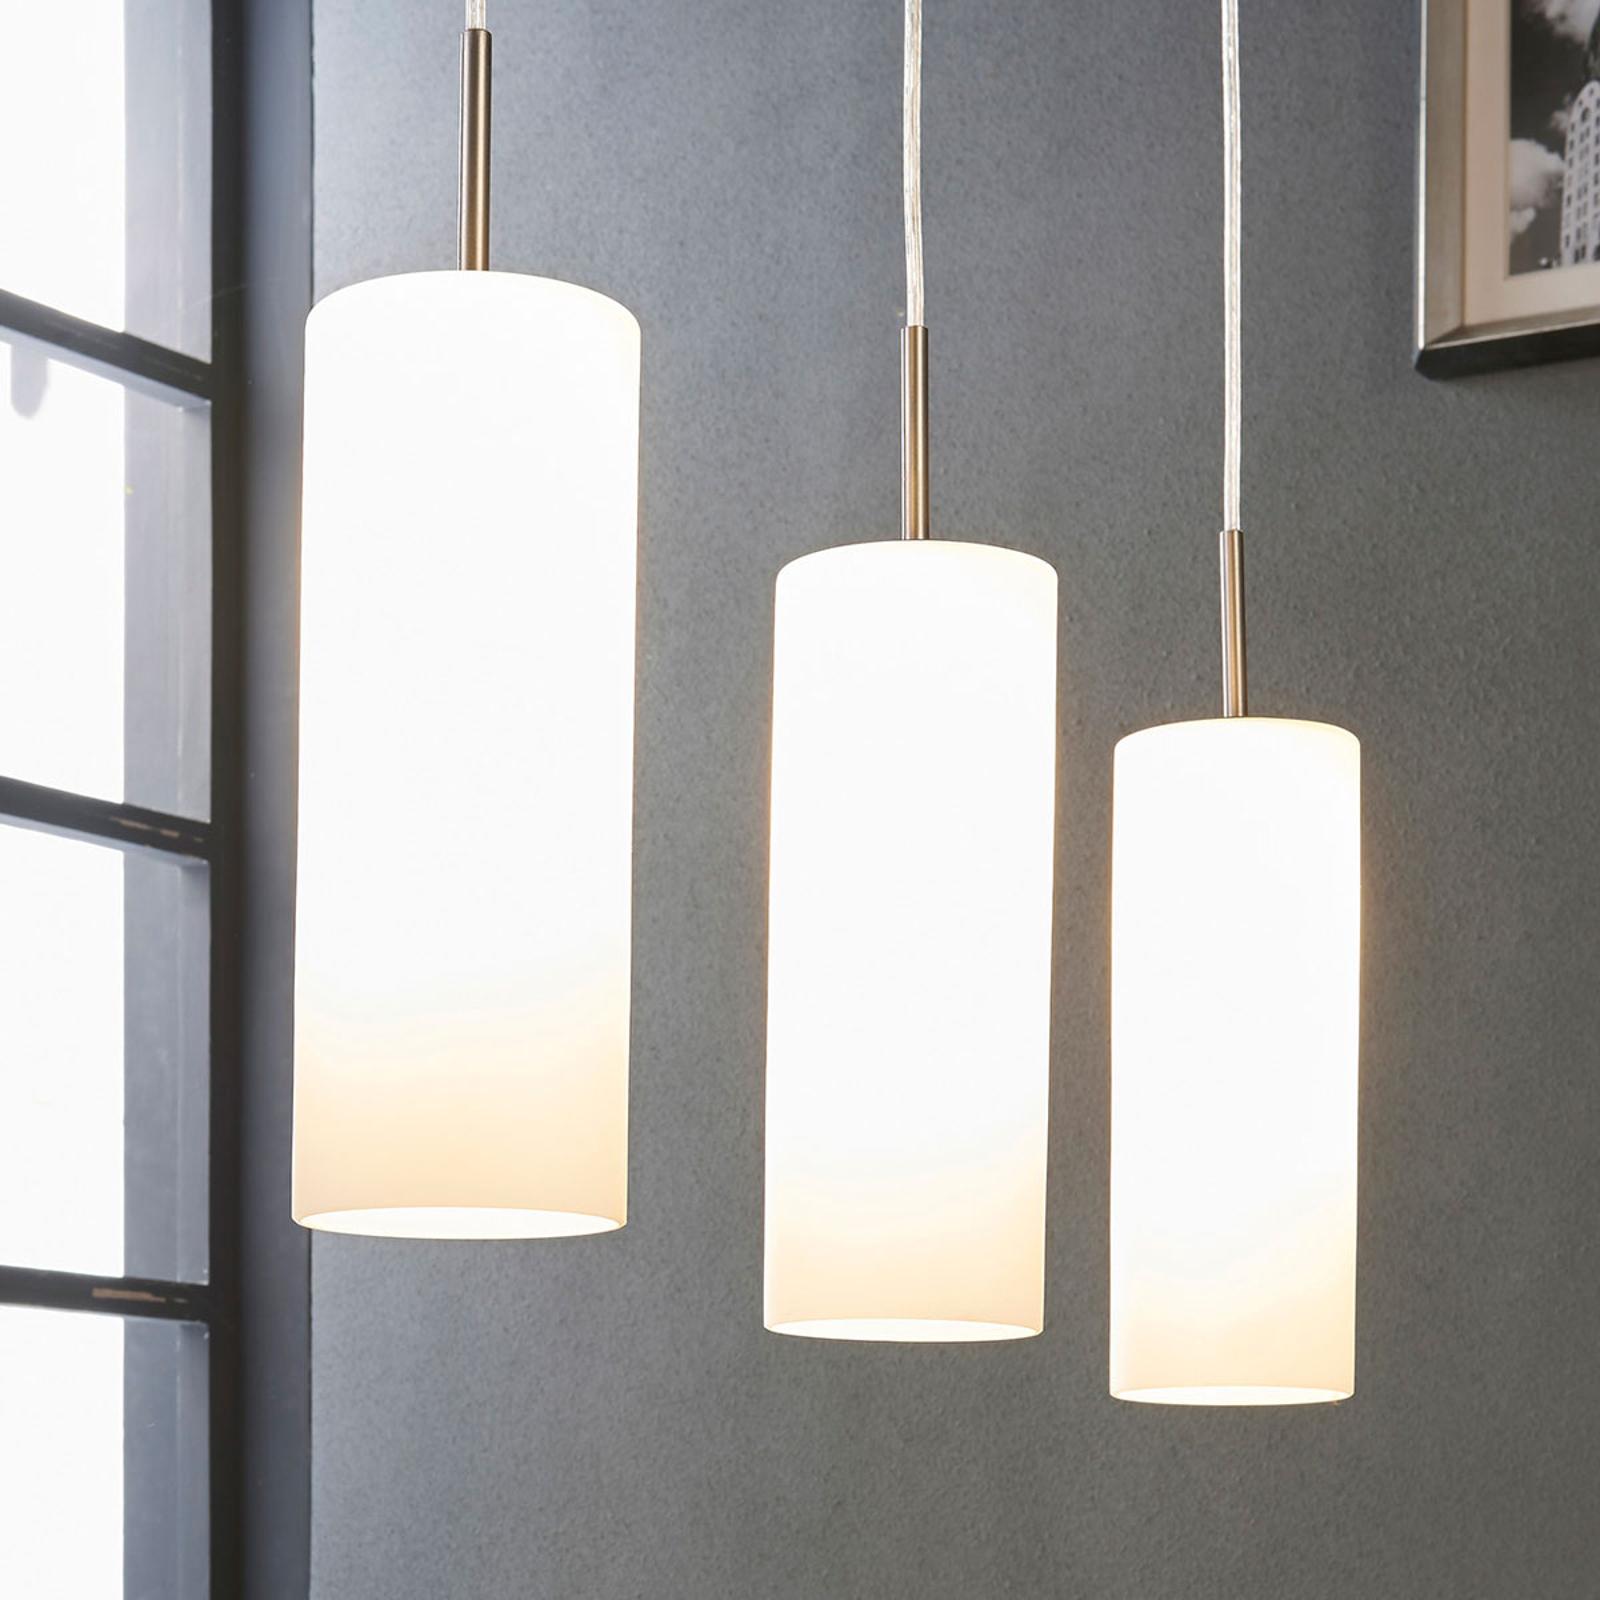 Vinsta - hanglamp met wit glas en drie lichtbr.